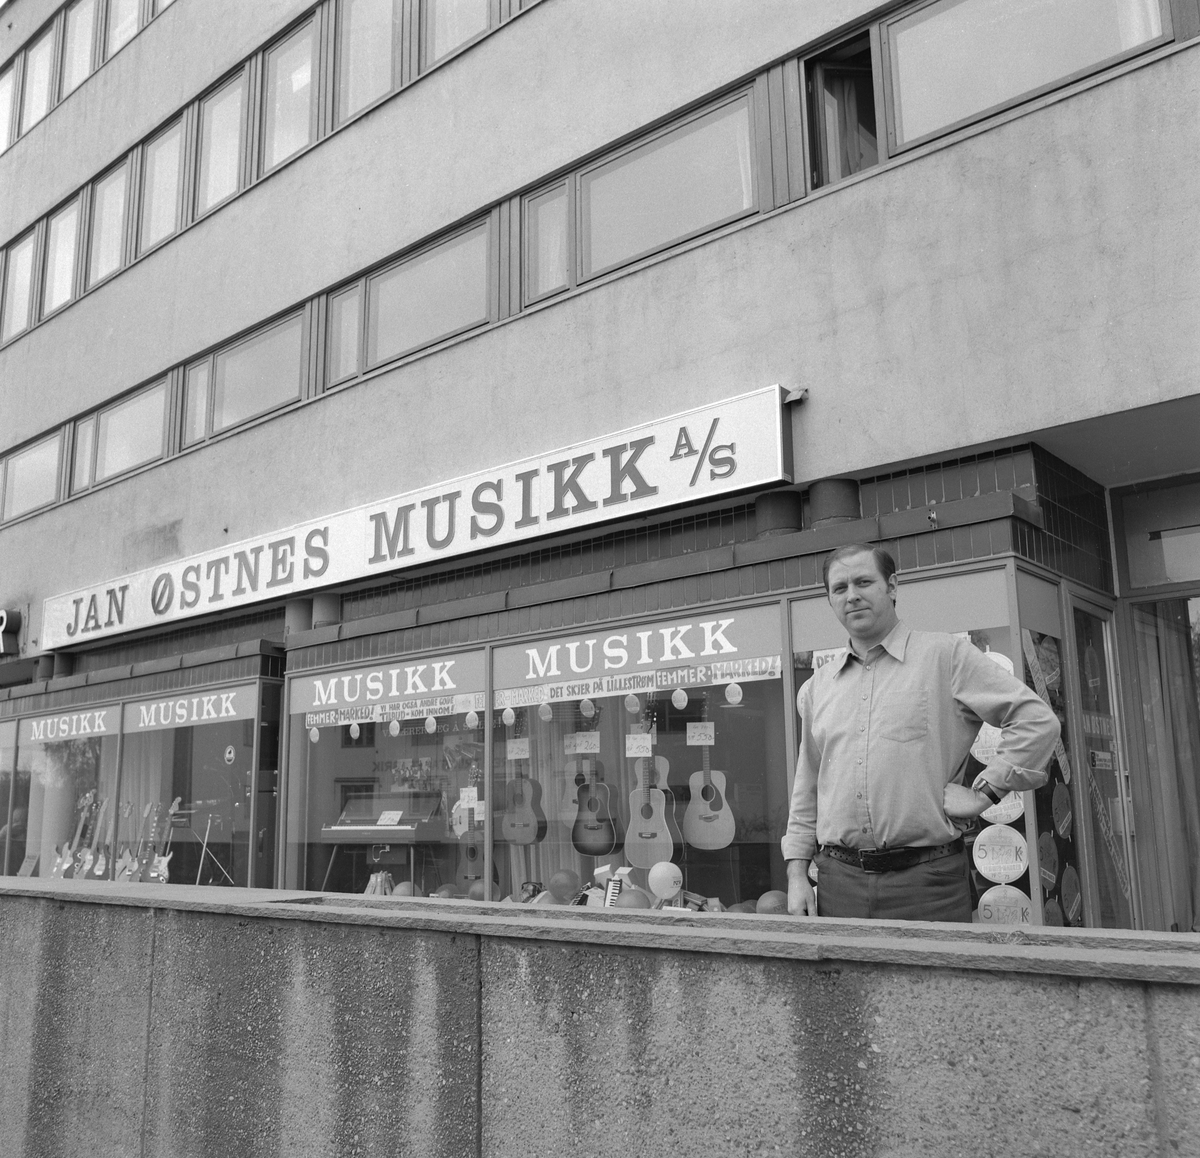 Jan Østnes Musikk i Lillestrøm